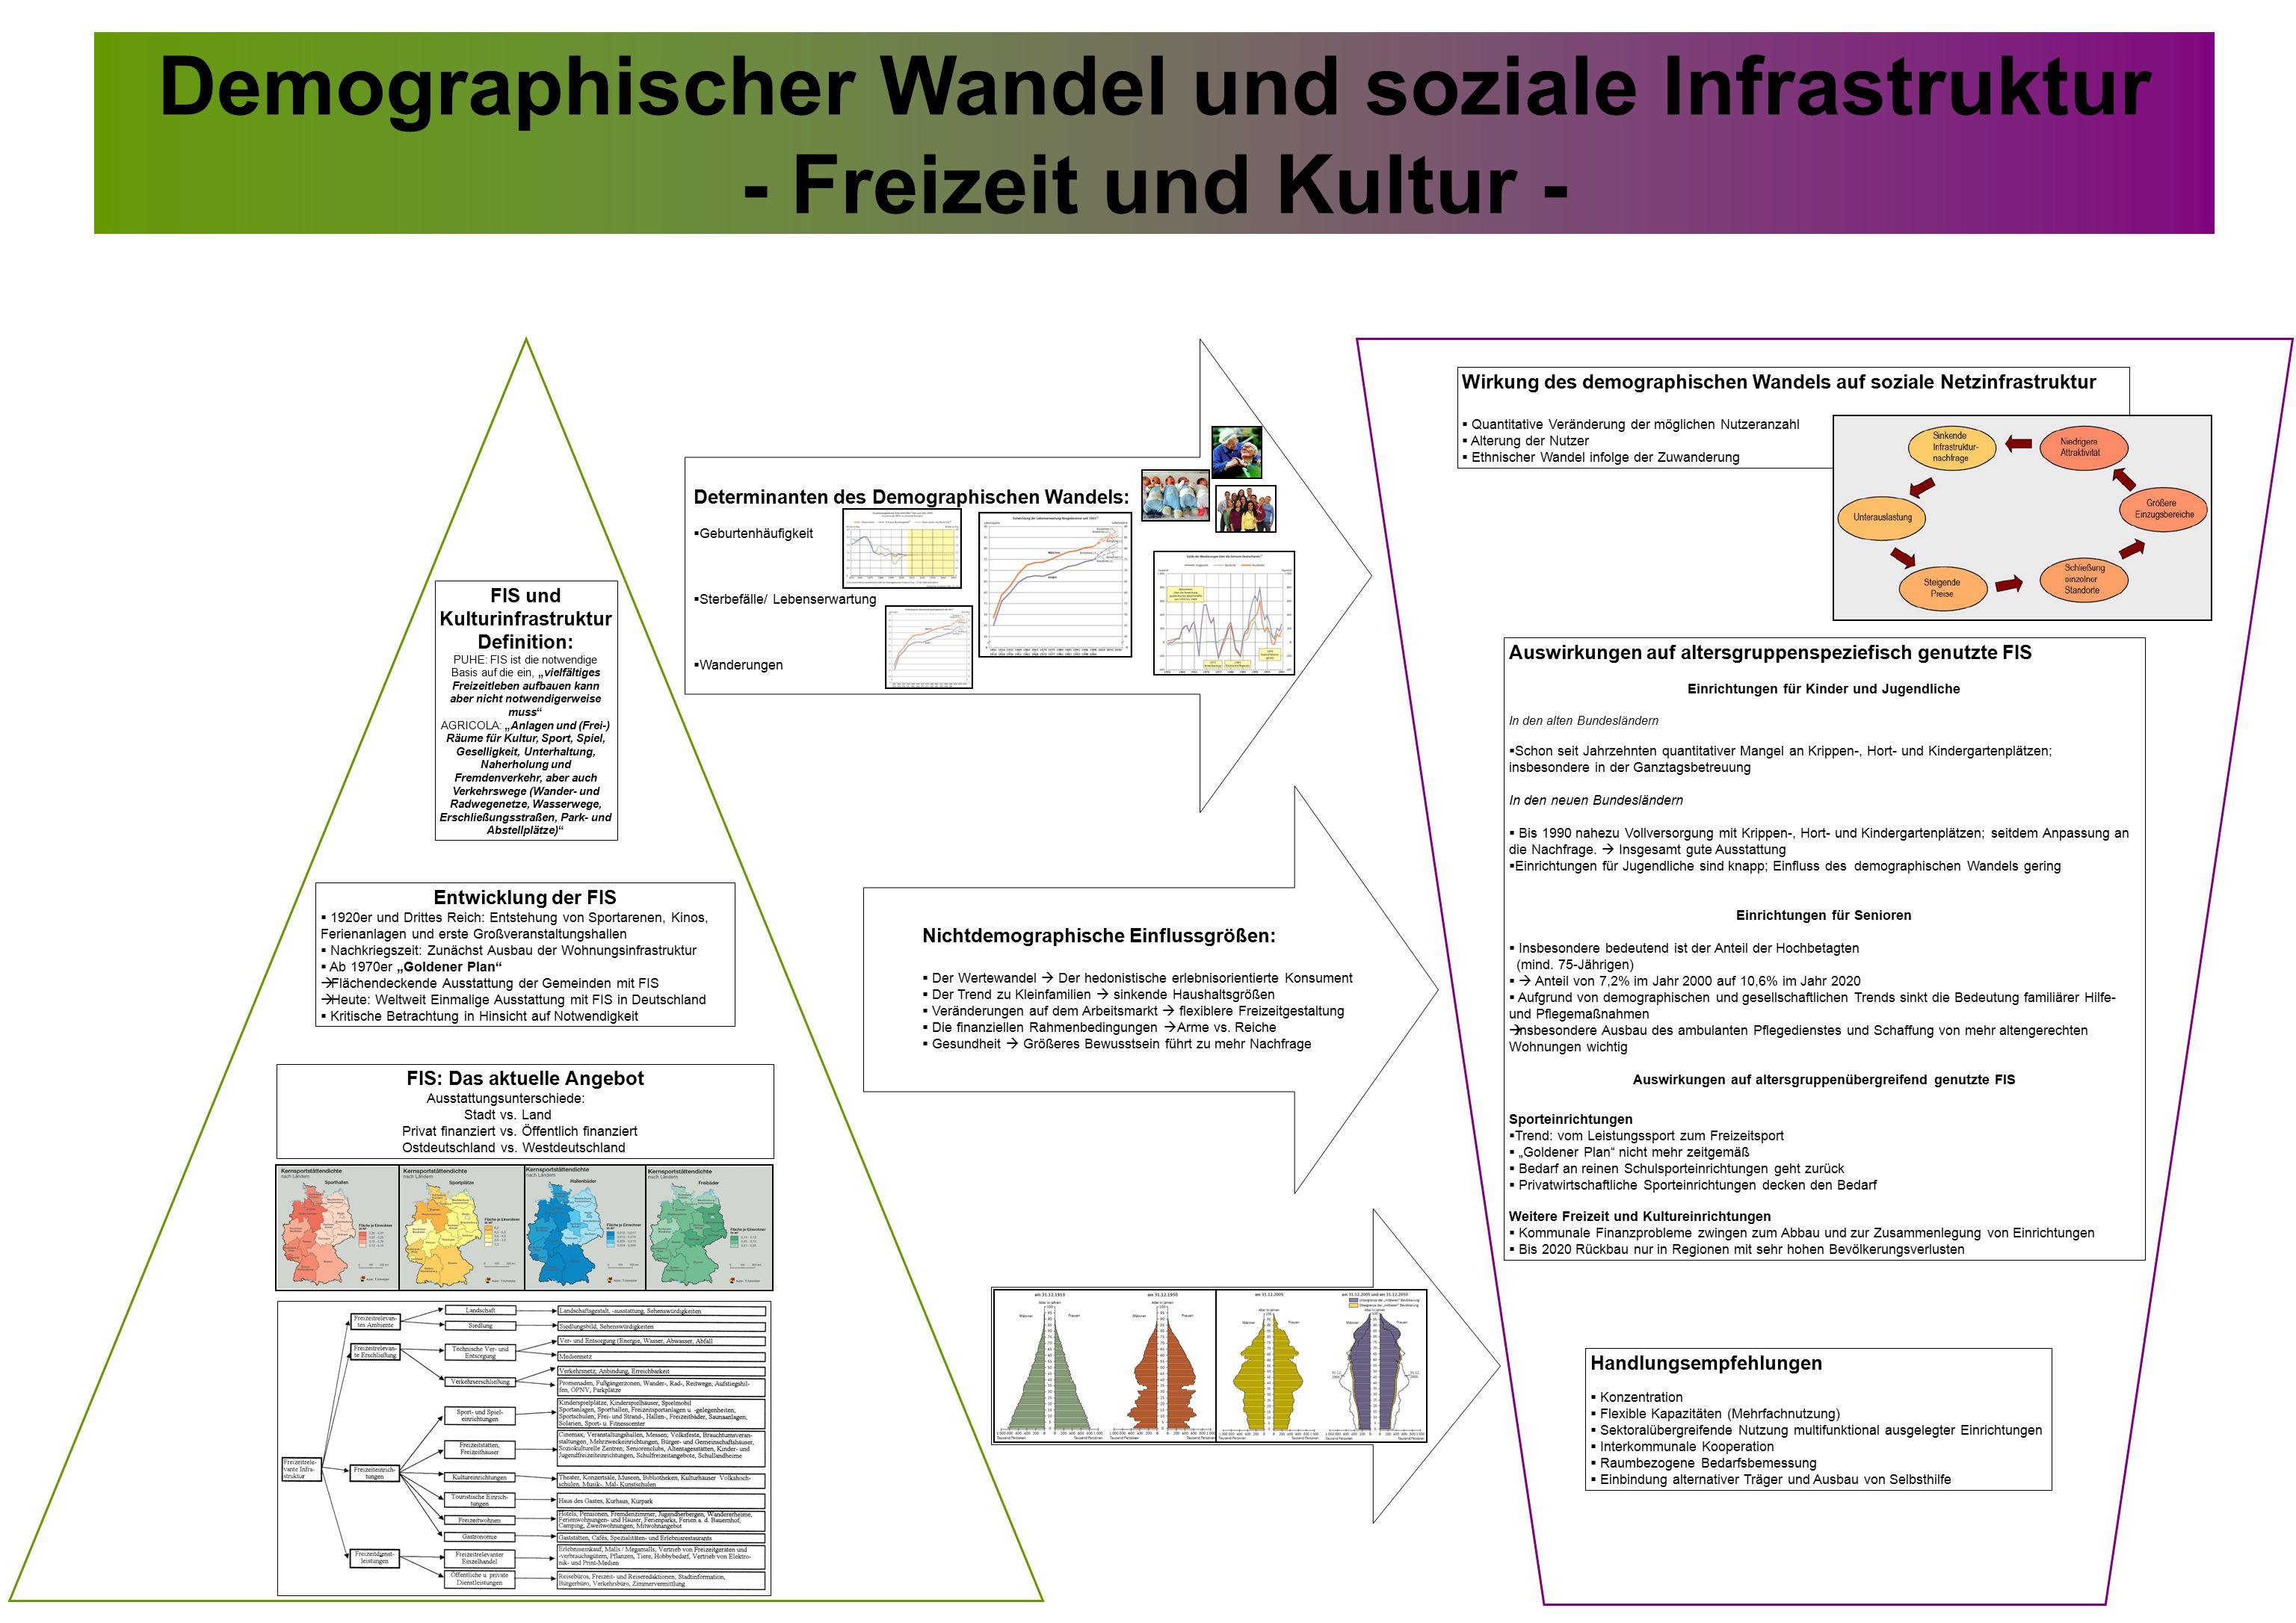 Demographischer Wandel und soziale Infrastruktur - Freizeit und Kultur - FIS und Kulturinfrastruktur Definition: PUHE: FIS ist die notwendige Basis au